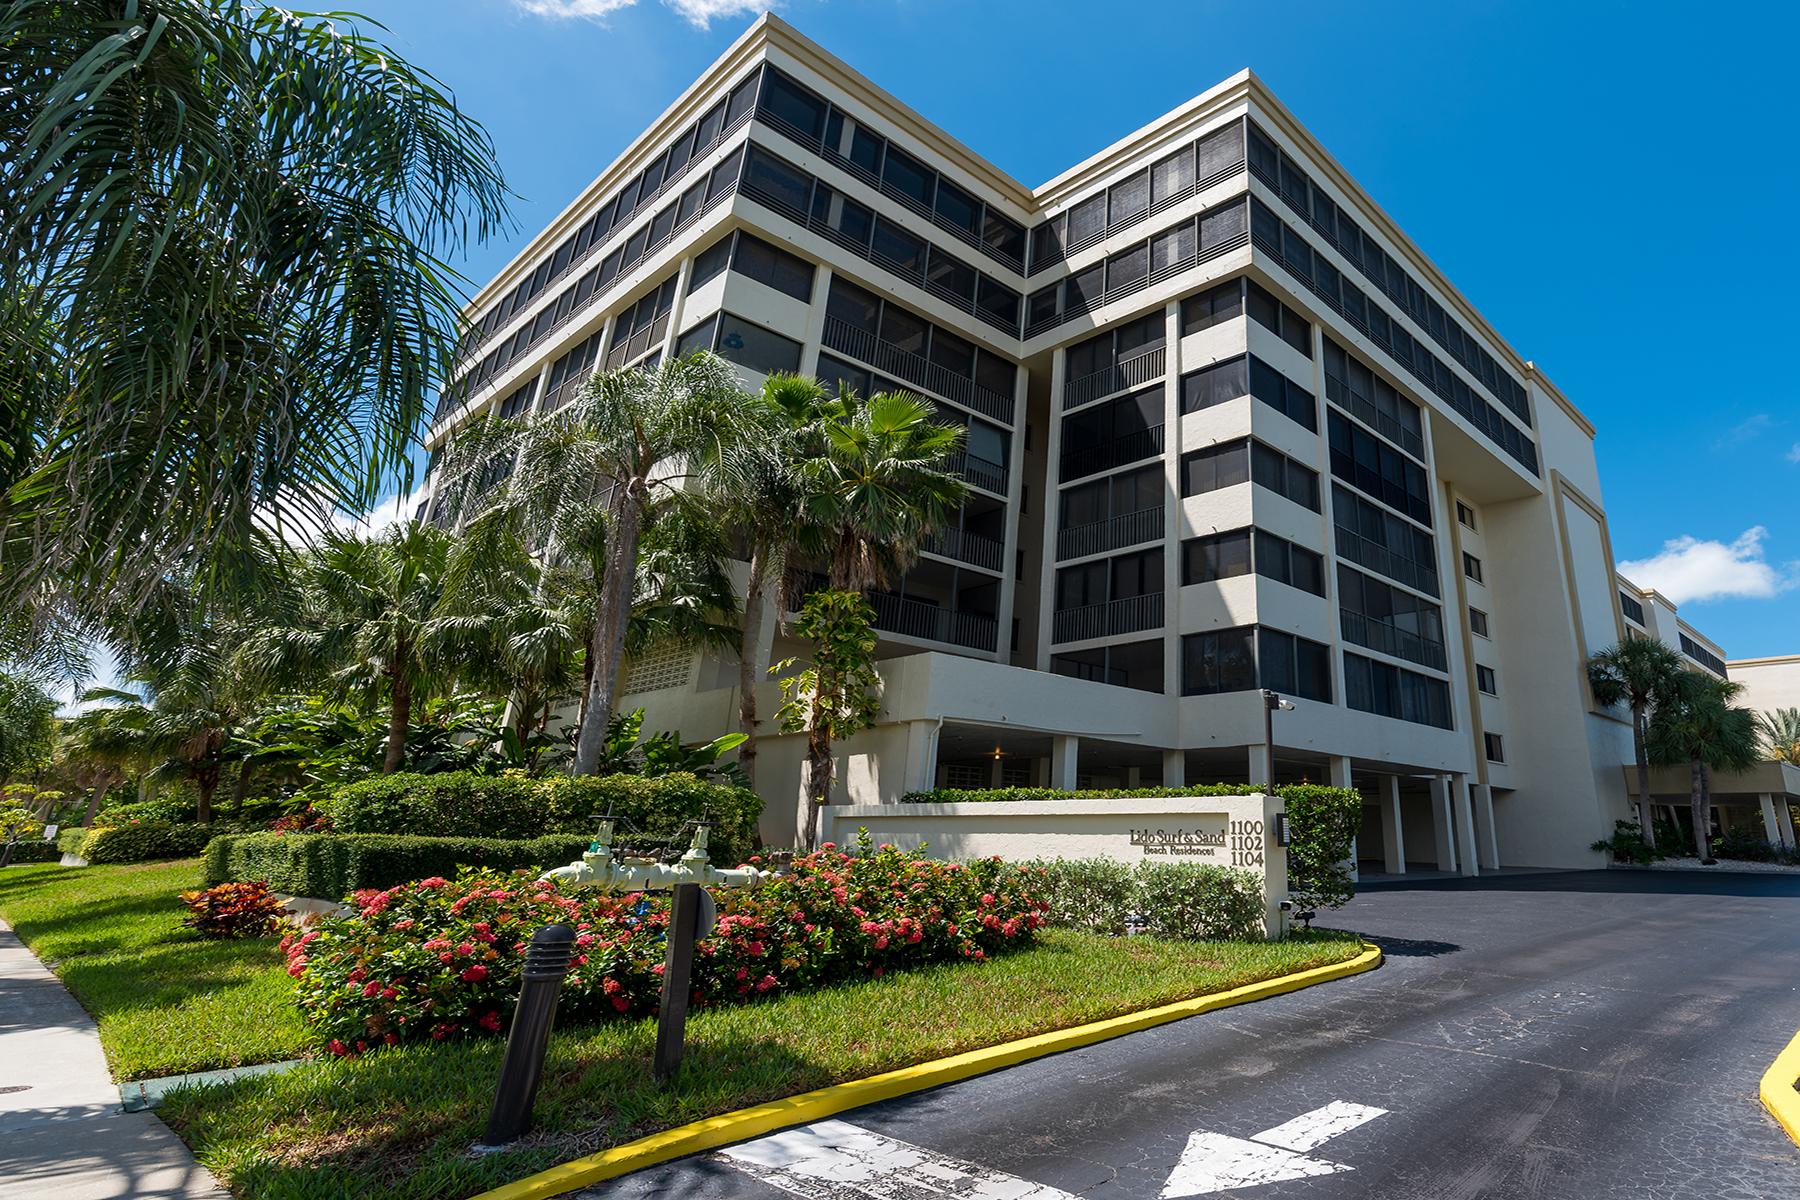 콘도미니엄 용 매매 에 SARASOTA 1100 Benjamin Franklin Dr 405 Sarasota, 플로리다, 34236 미국